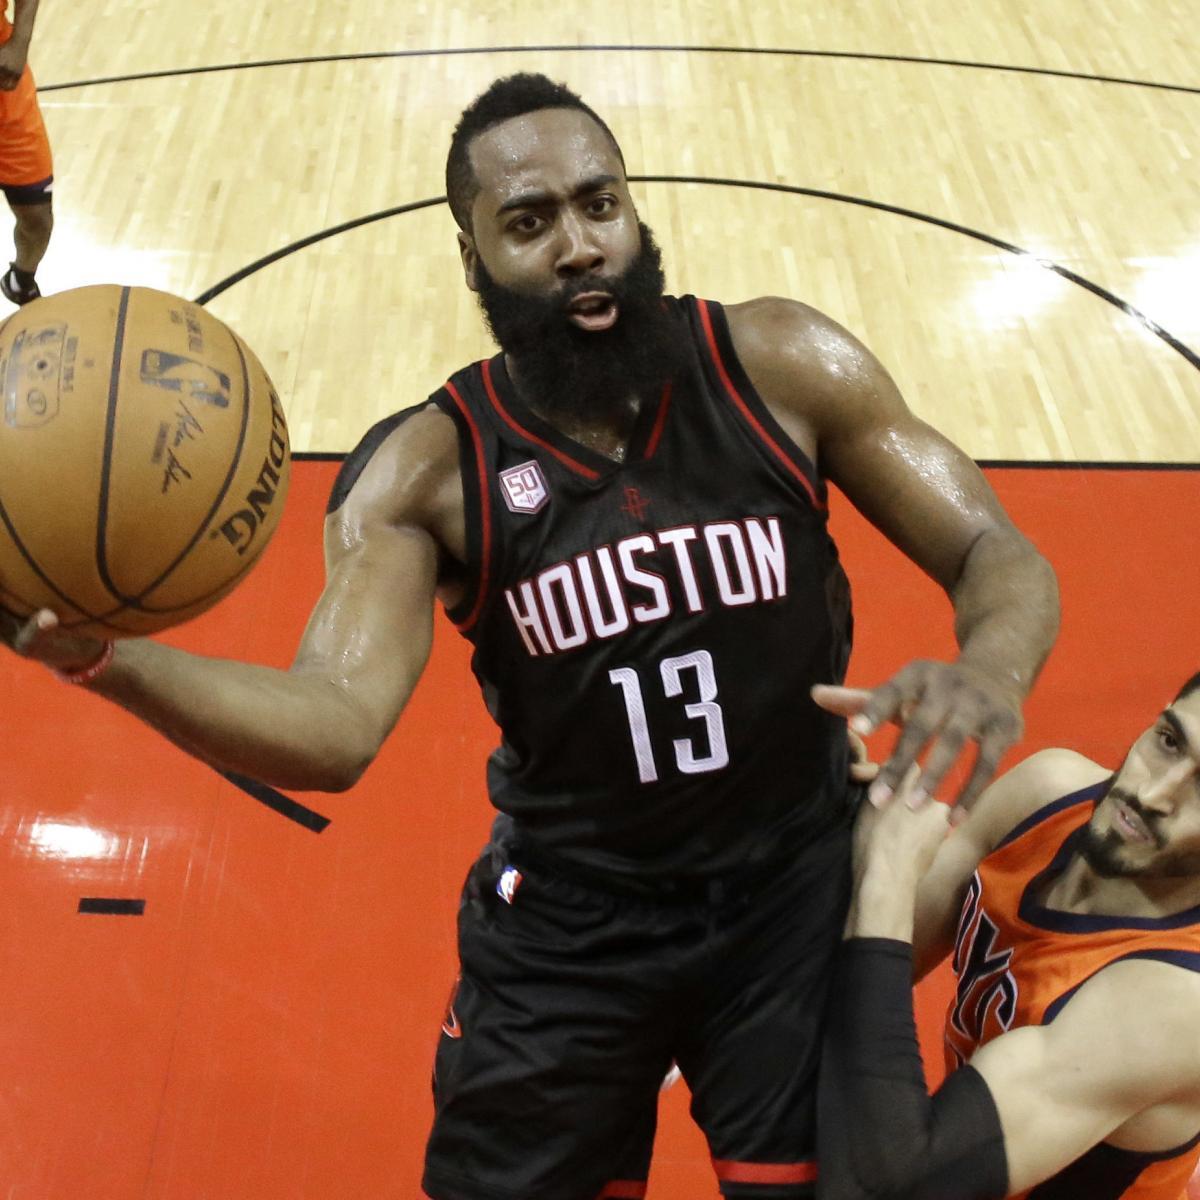 Houston Rockets Vs Oklahoma City Thunder: Oklahoma City Thunder Vs. Houston Rockets Odds, Analysis